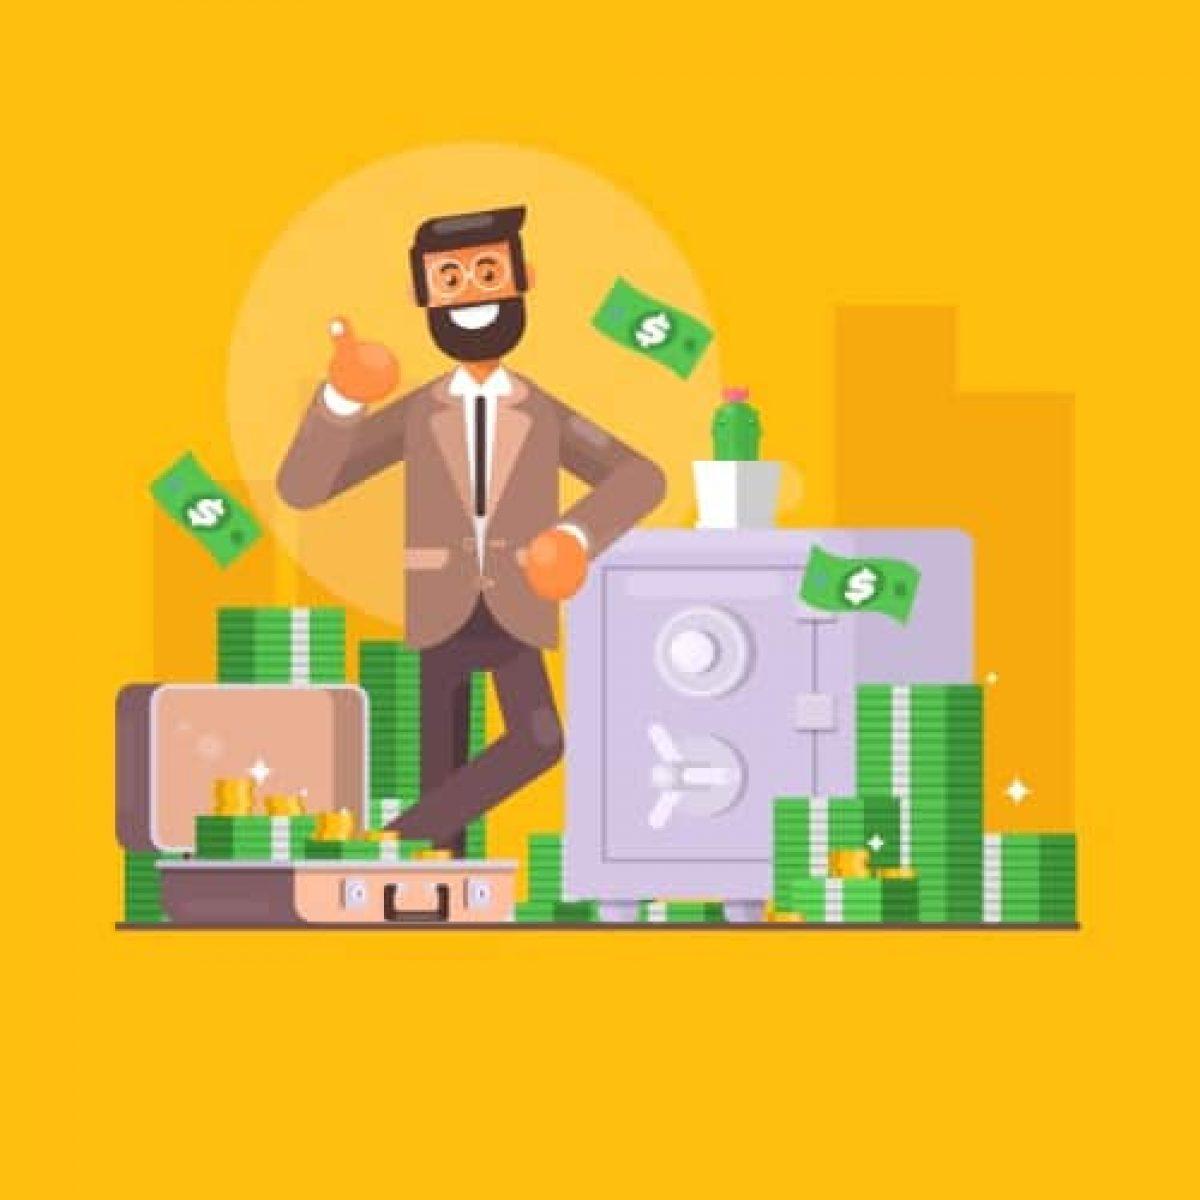 beste aktienbörse schweiz geld verdienen online schnell und kostenlos 2021